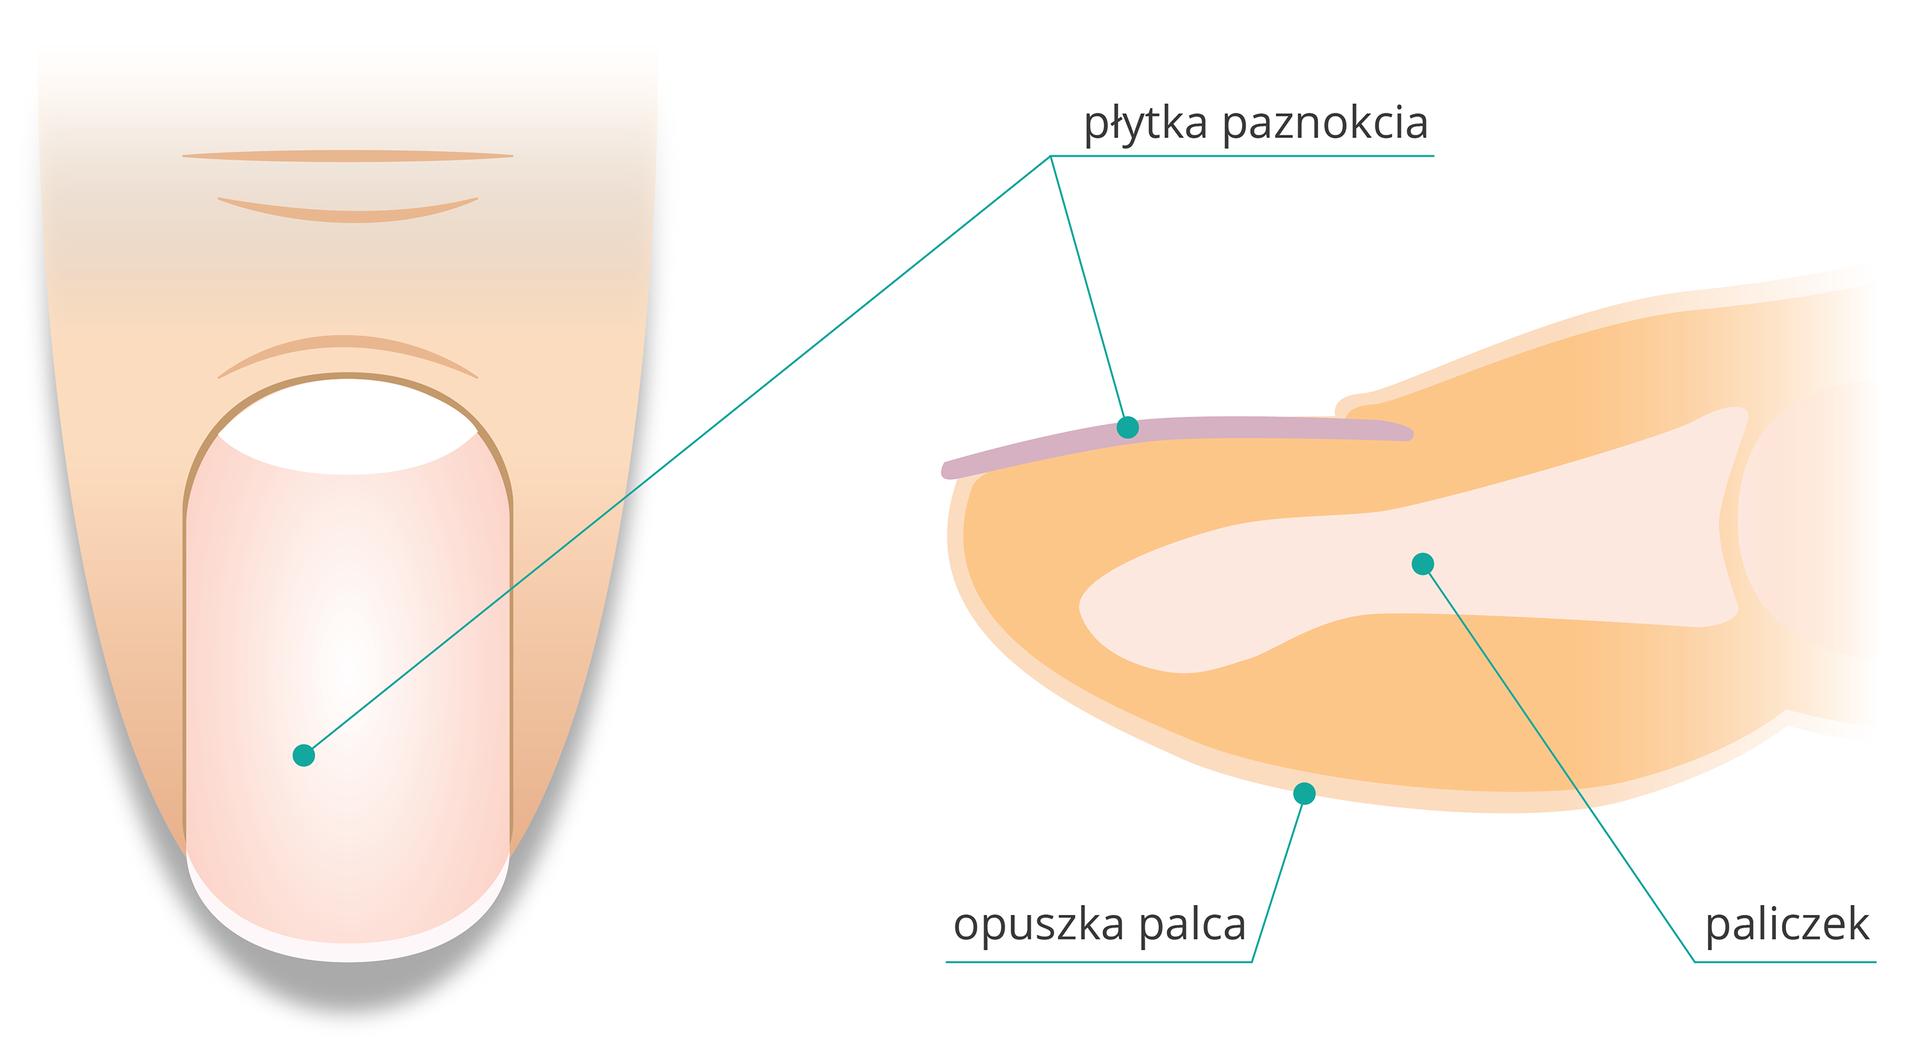 Ilustracja zlewej przedstawia wpowiększeniu palec człowieka wraz zpaznokciem widziany zgóry. Zprawej przekrój poprzeczny przez czubek palca. Wpomarańczowym wnętrzu opuszki palca zaznaczono szarą kość paliczka. Ugóry na opuszce liliowo zaznaczono płytkę paznokcia.